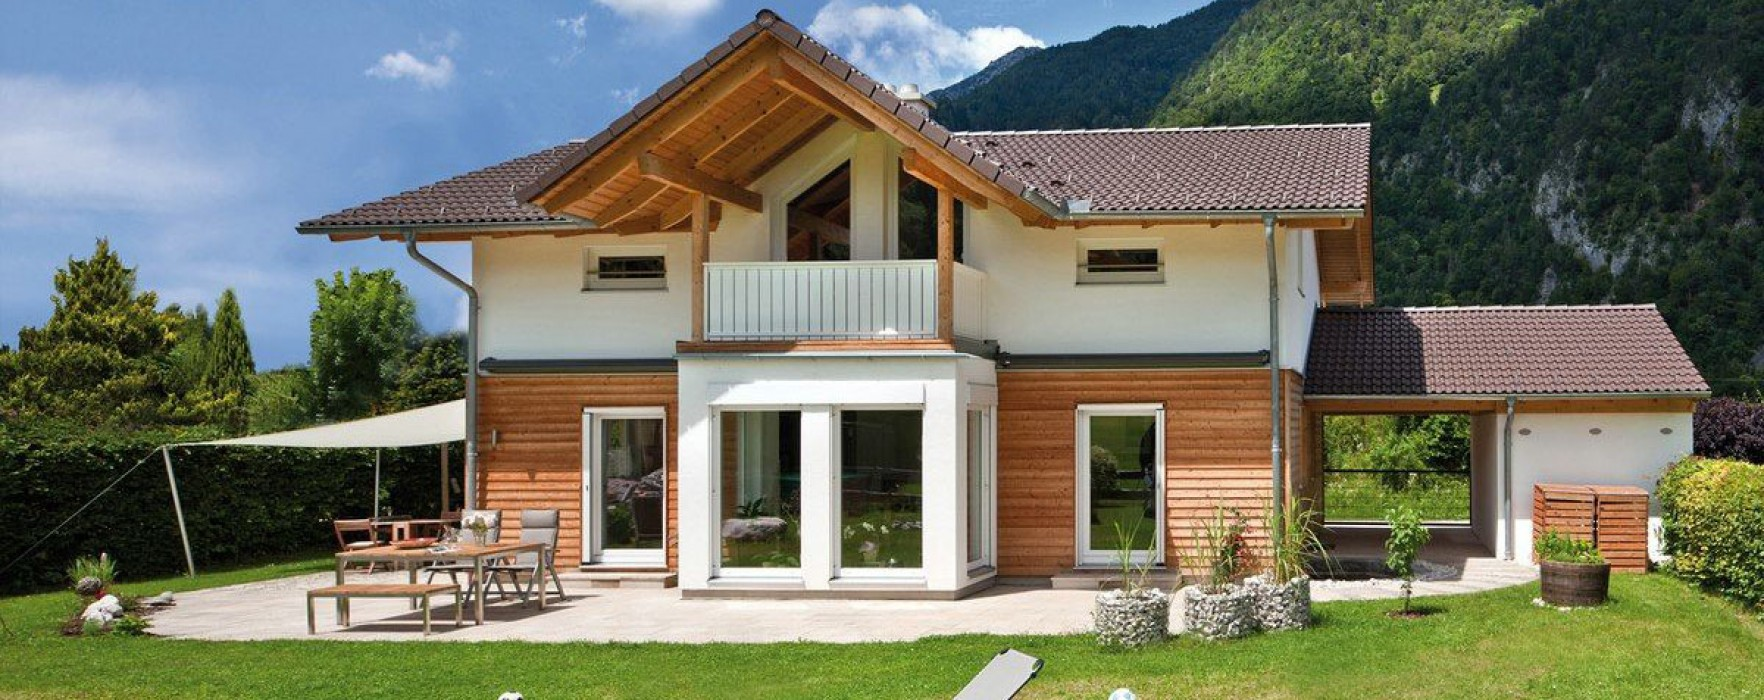 Informarsi da zero per costruire una casa prefabbricata for Costruire case